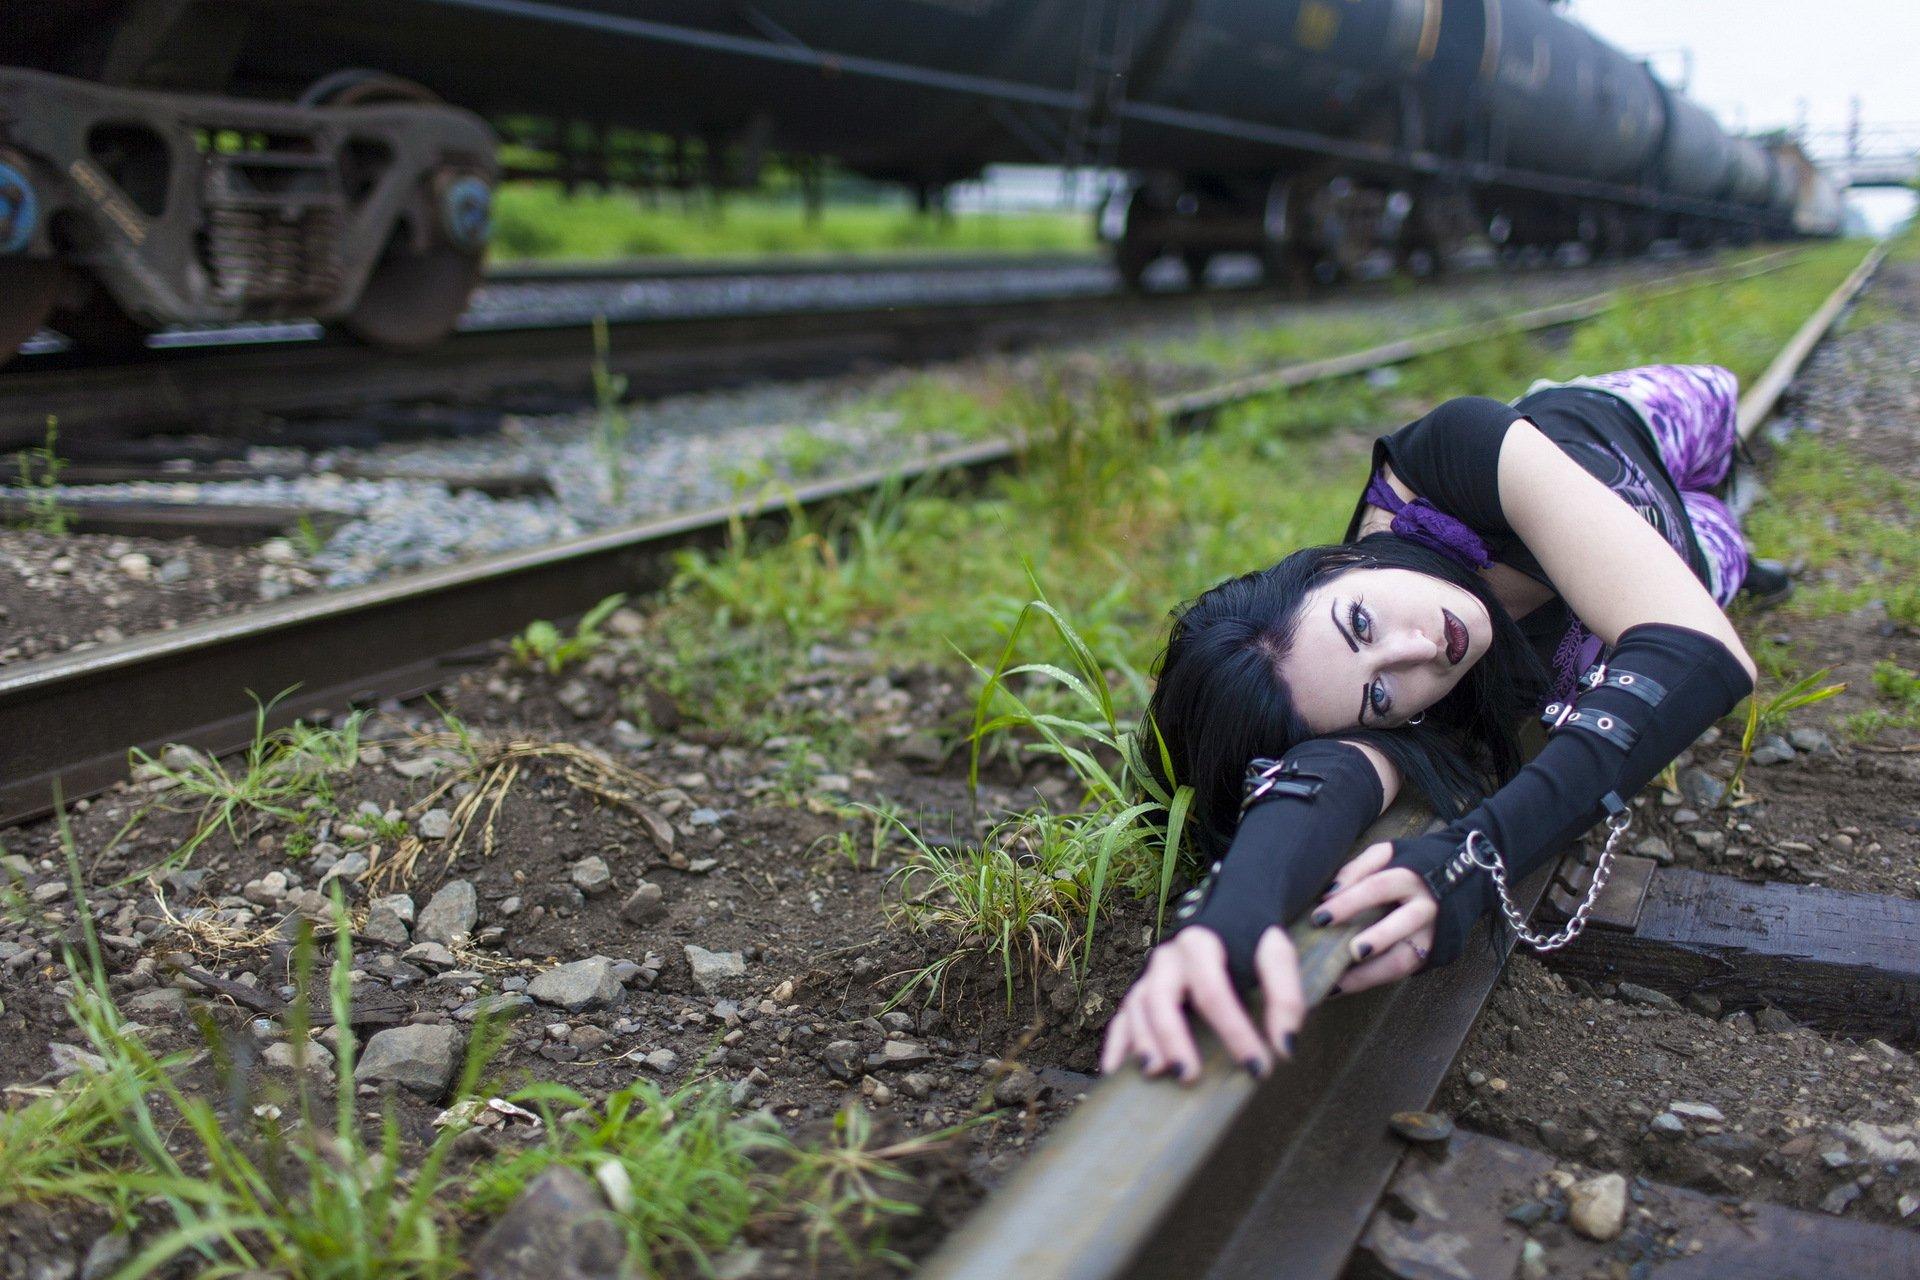 работа для девушек на железной дороге